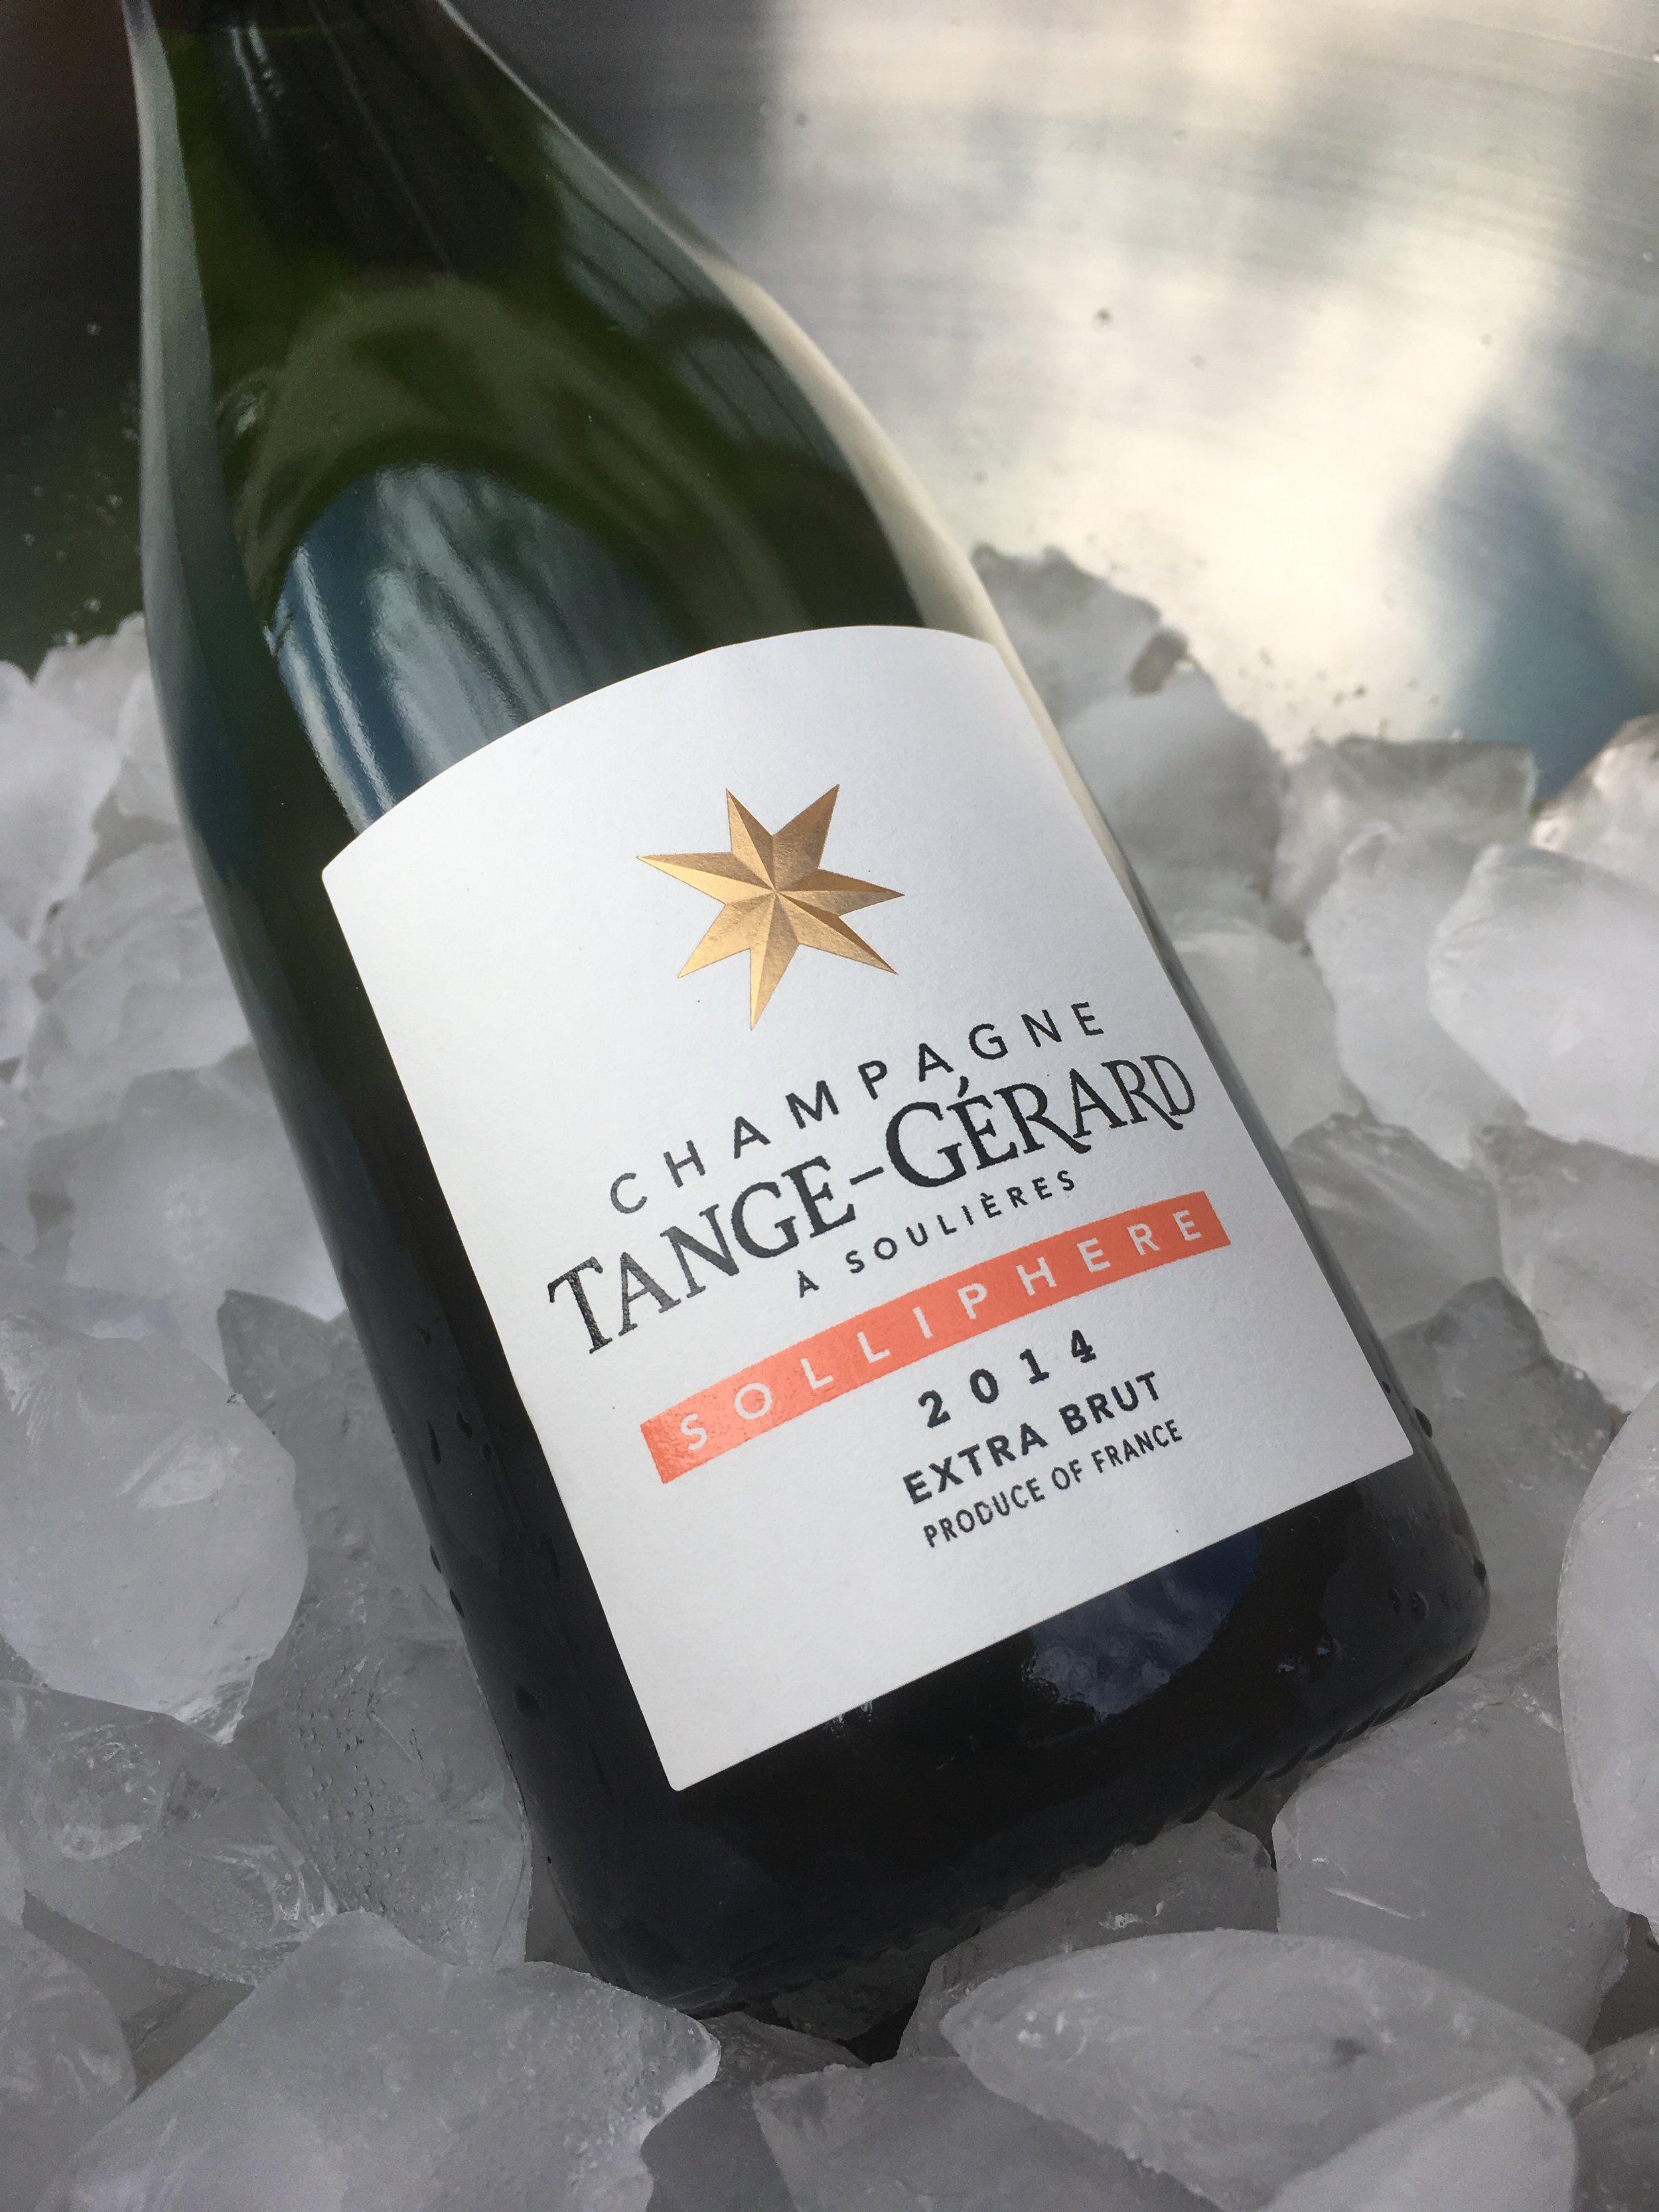 champagne en vente - Les cavistes, les bars à vins, les restaurants et chez nous bien-sûr. Voici, les adresses où trouver nos bouteilles.Acheter Tange-Gerard ici